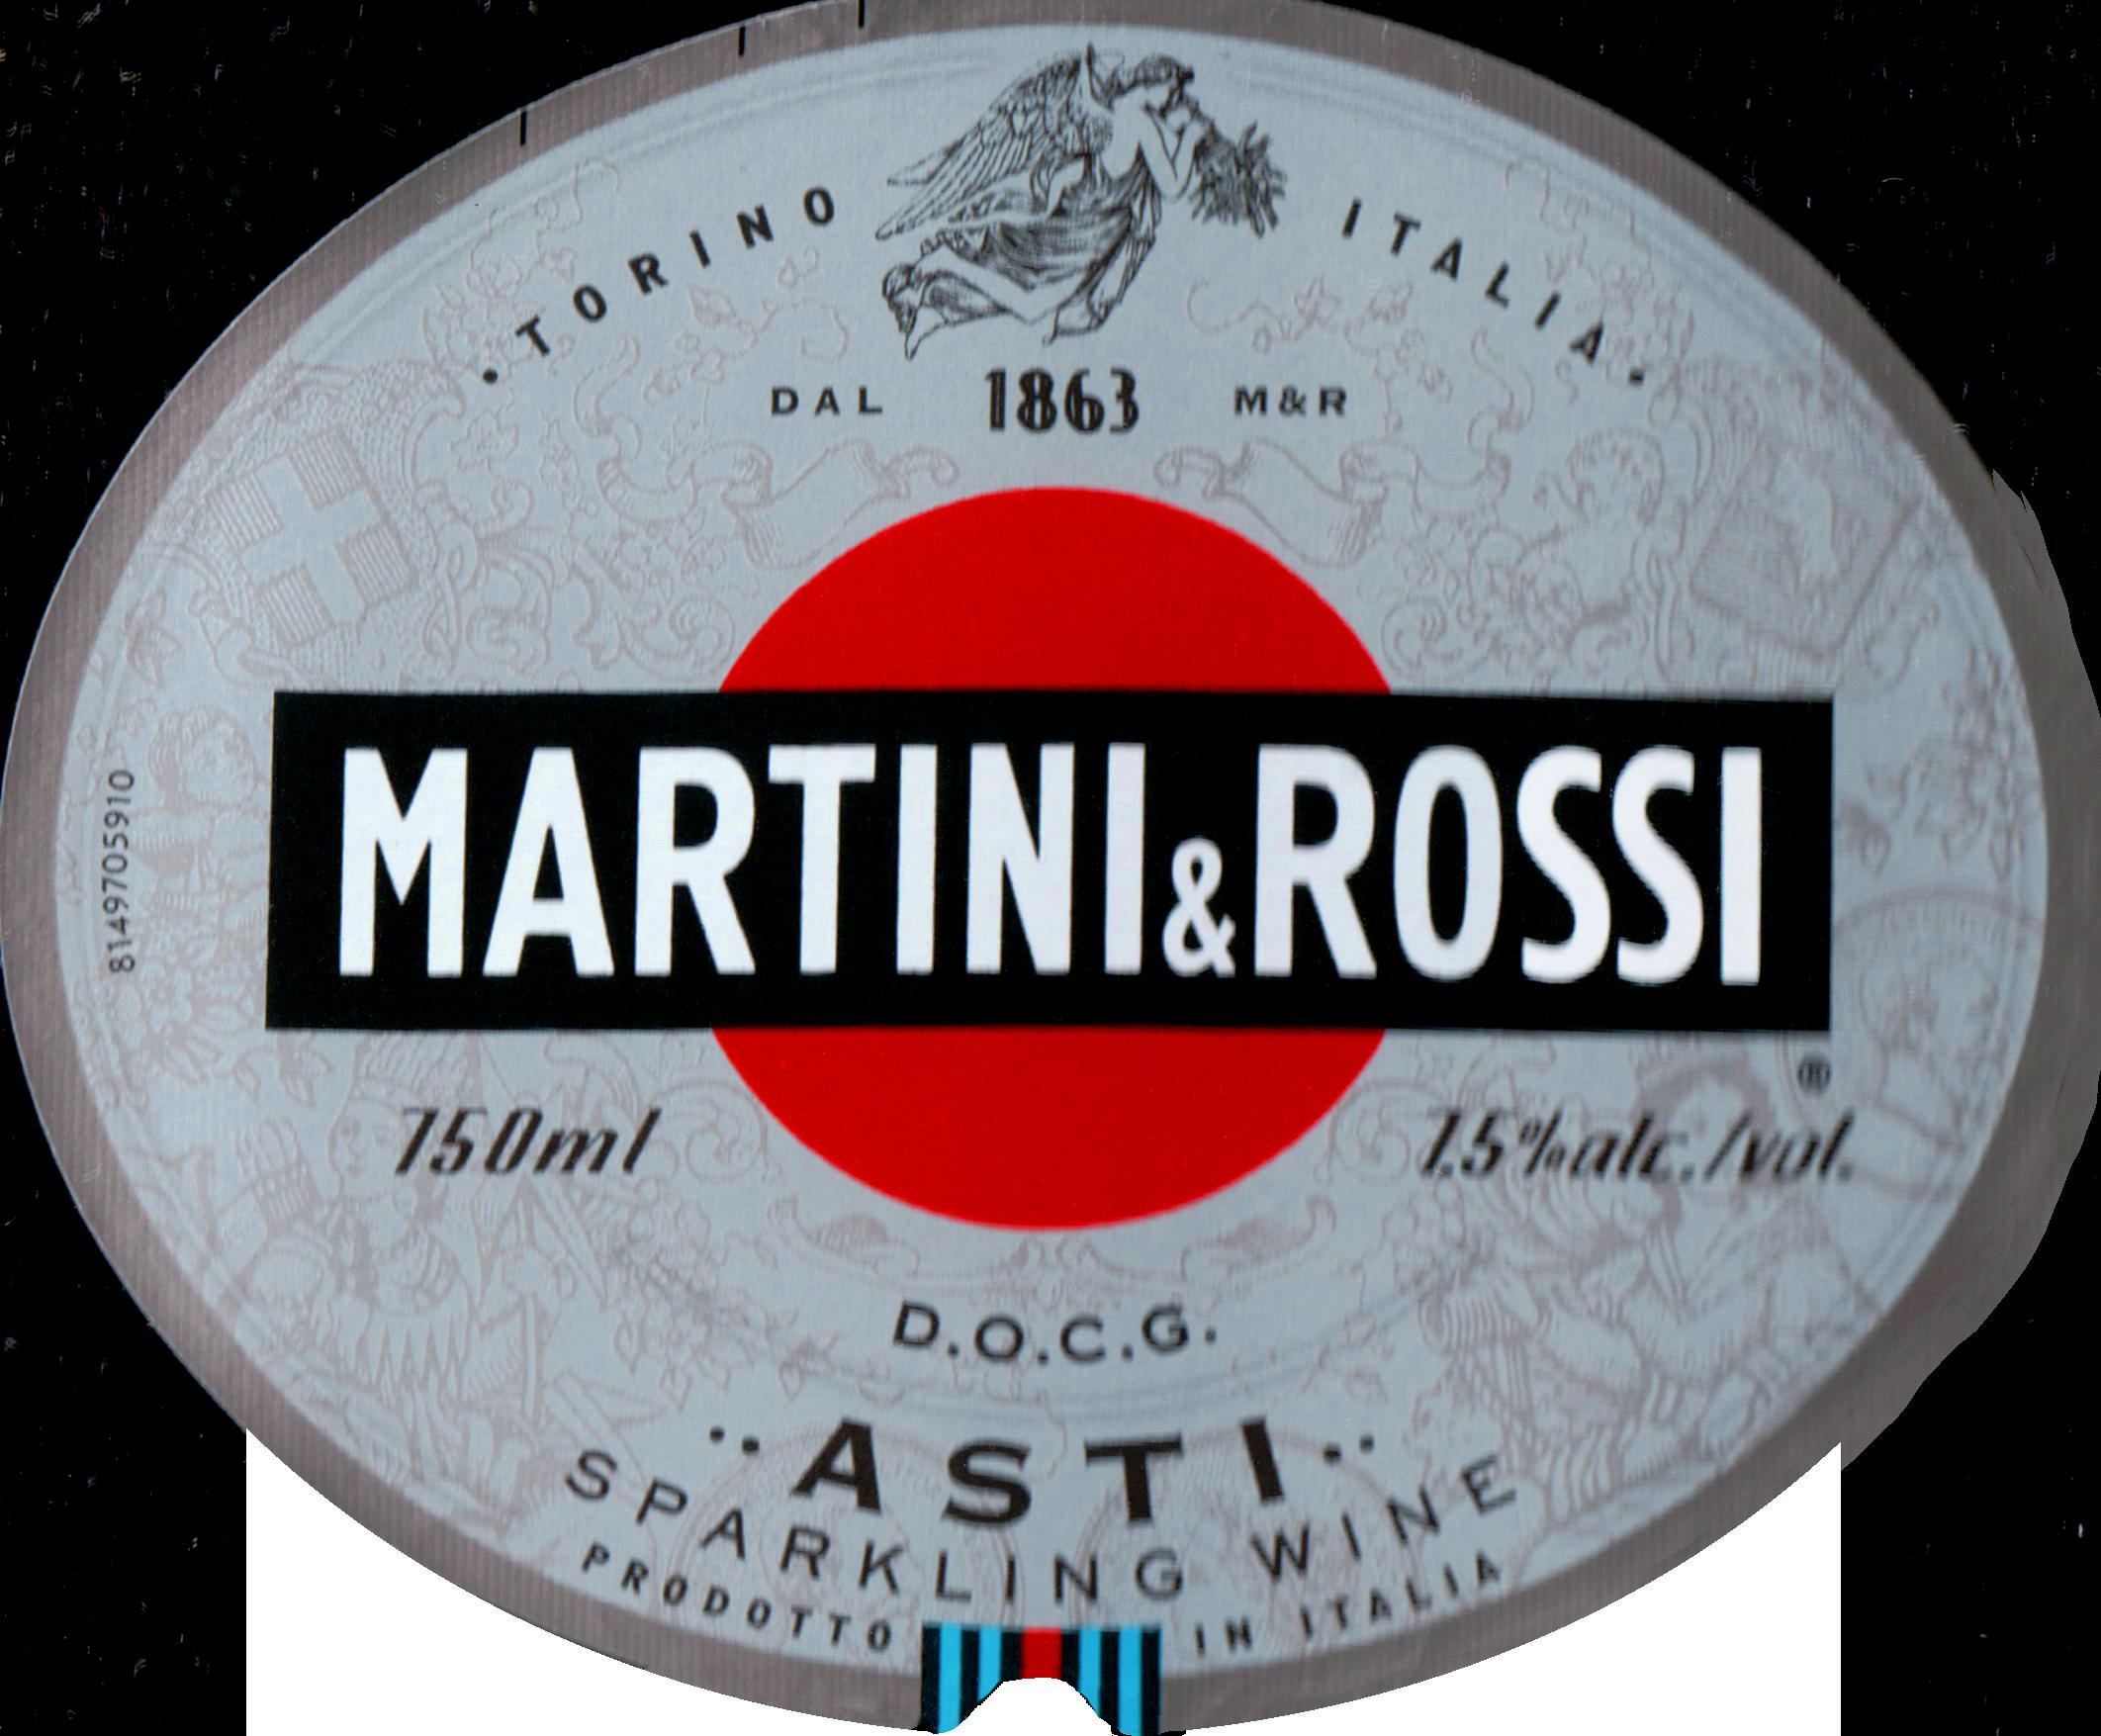 Martini & Rossi Asti Spumanti